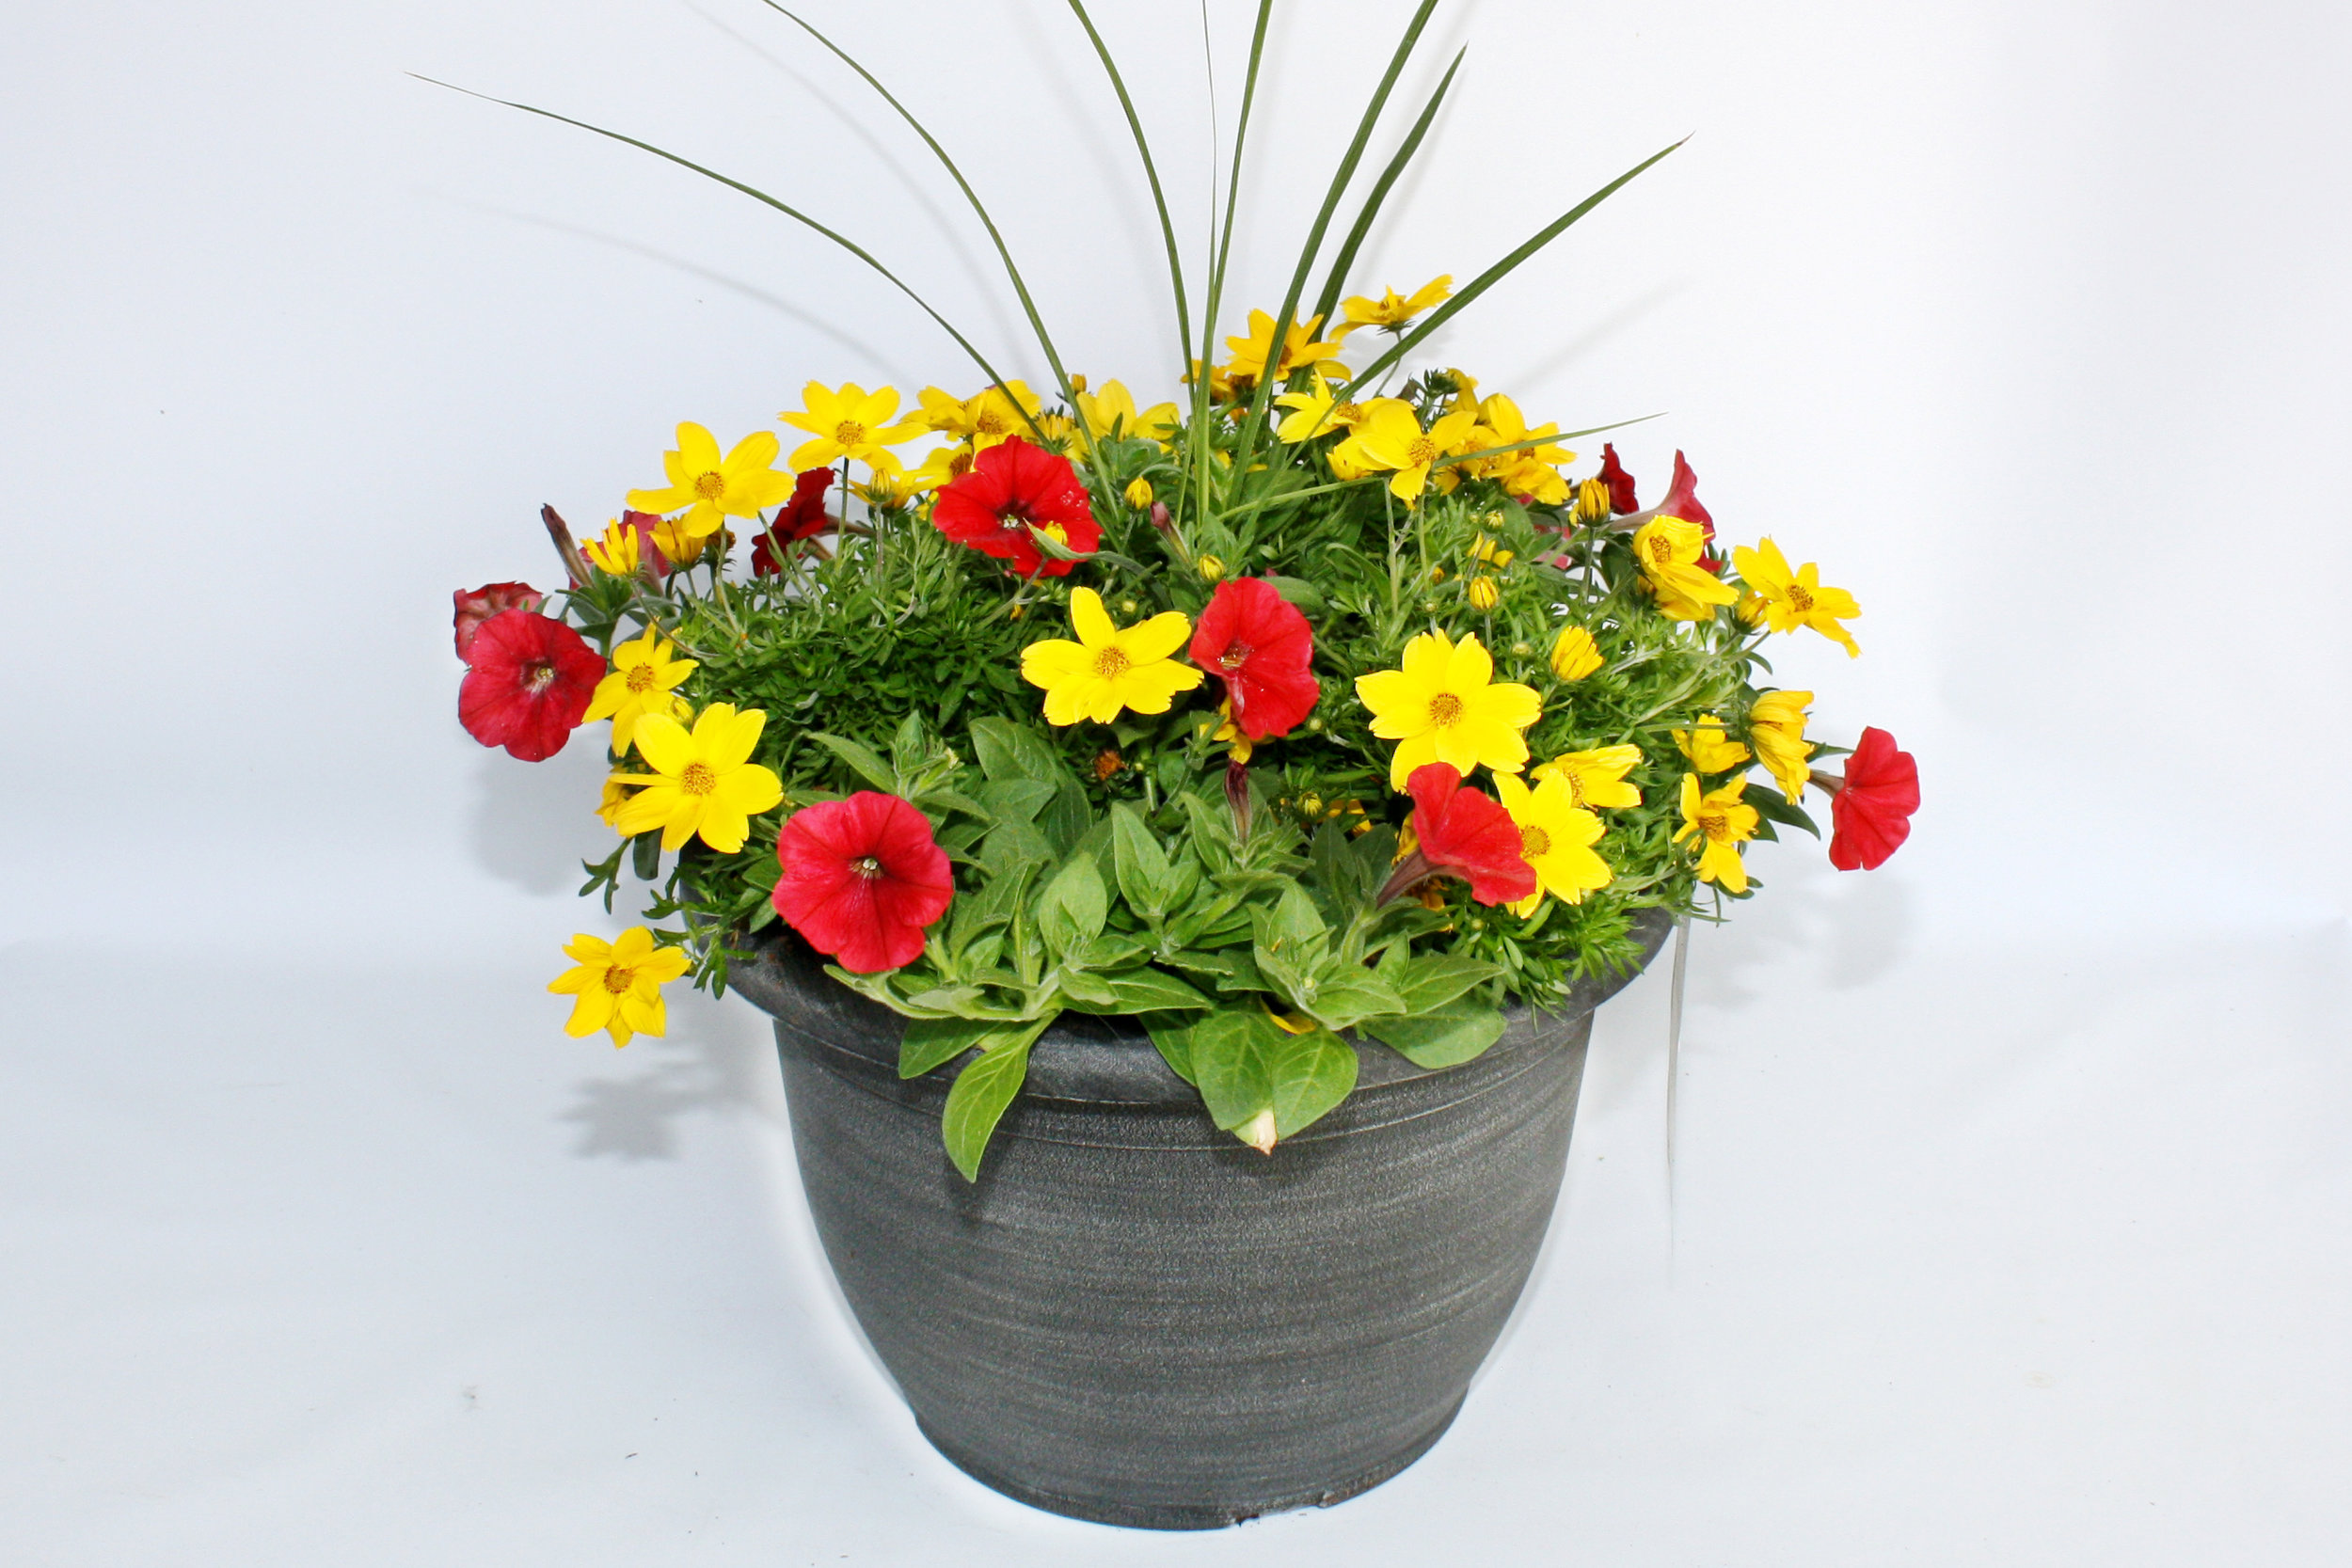 sunbelt-spring-program-planters.jpg